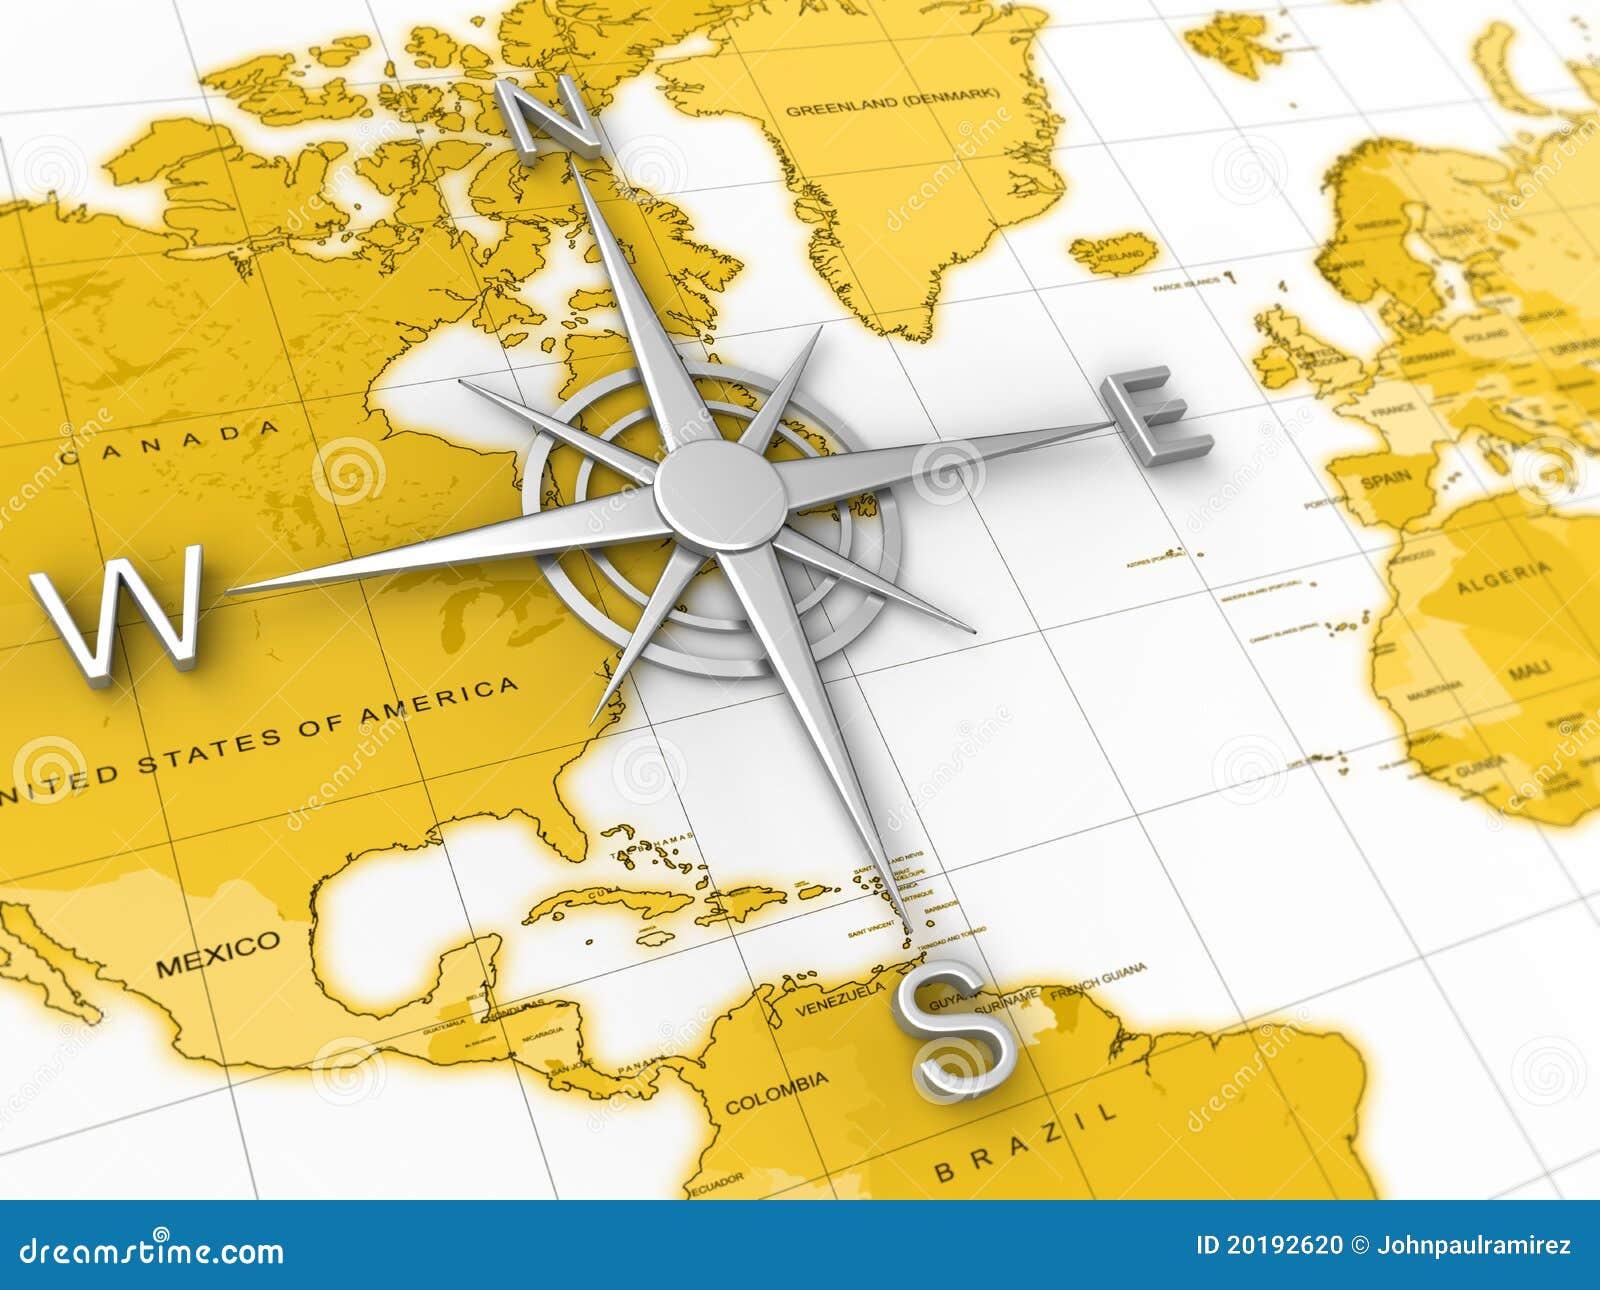 Kompas, wereldkaart, reis, expeditie, aardrijkskunde